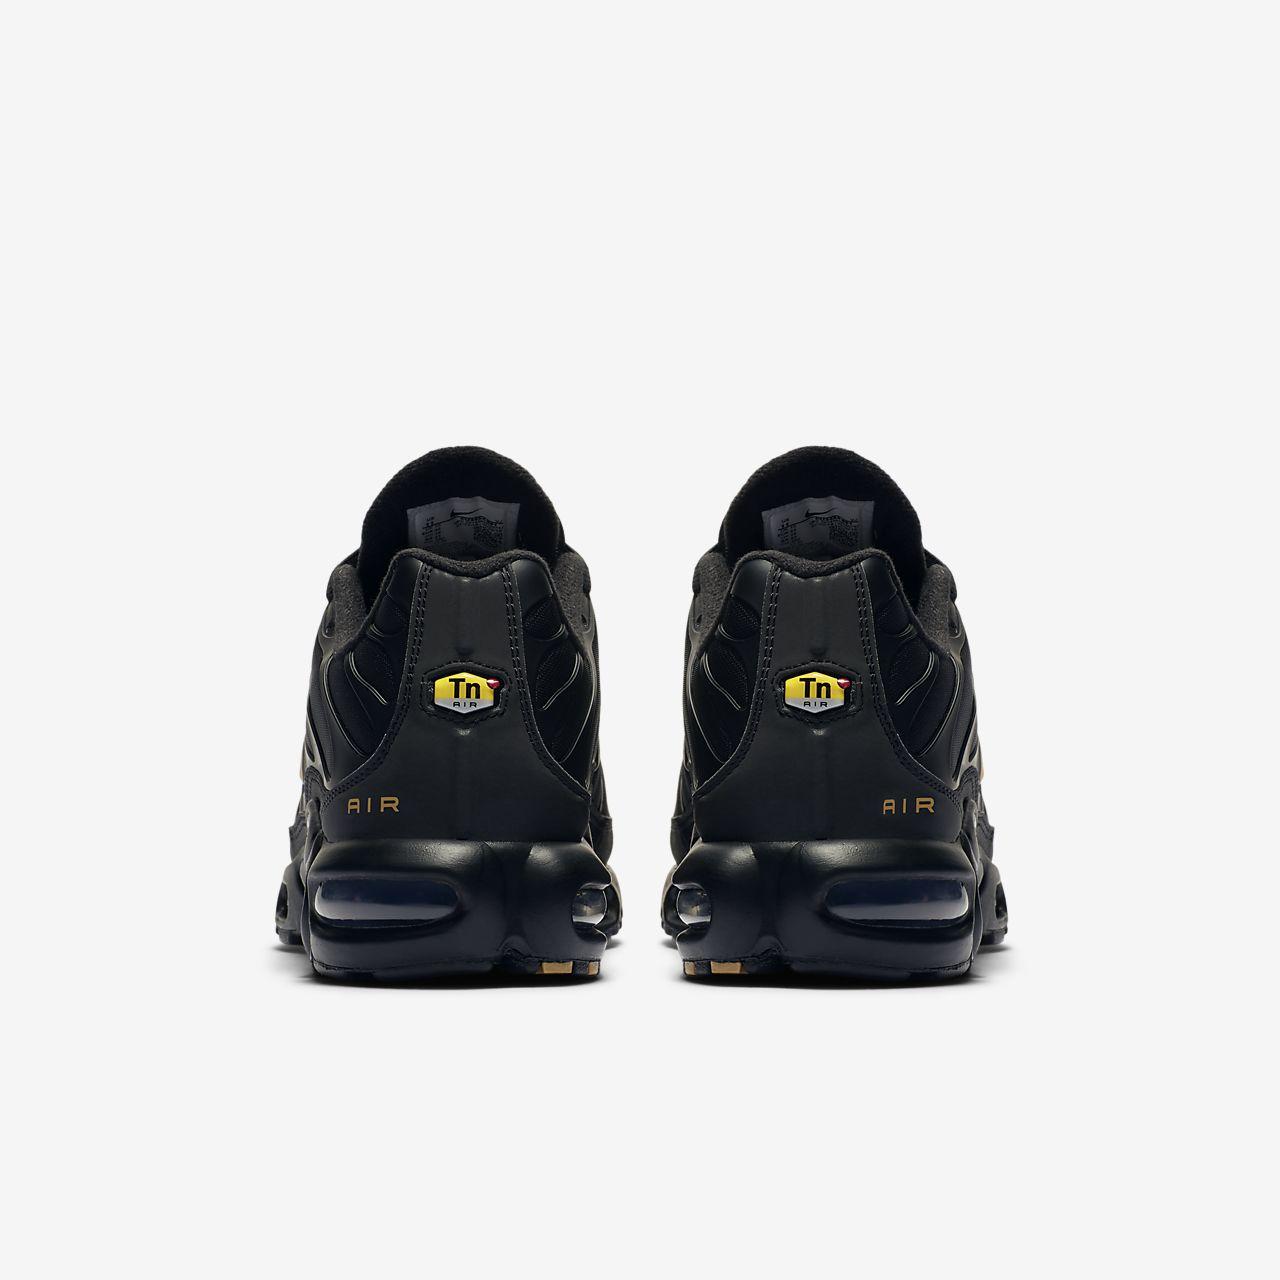 Sapatilhas Nike Air Max Plus para homem